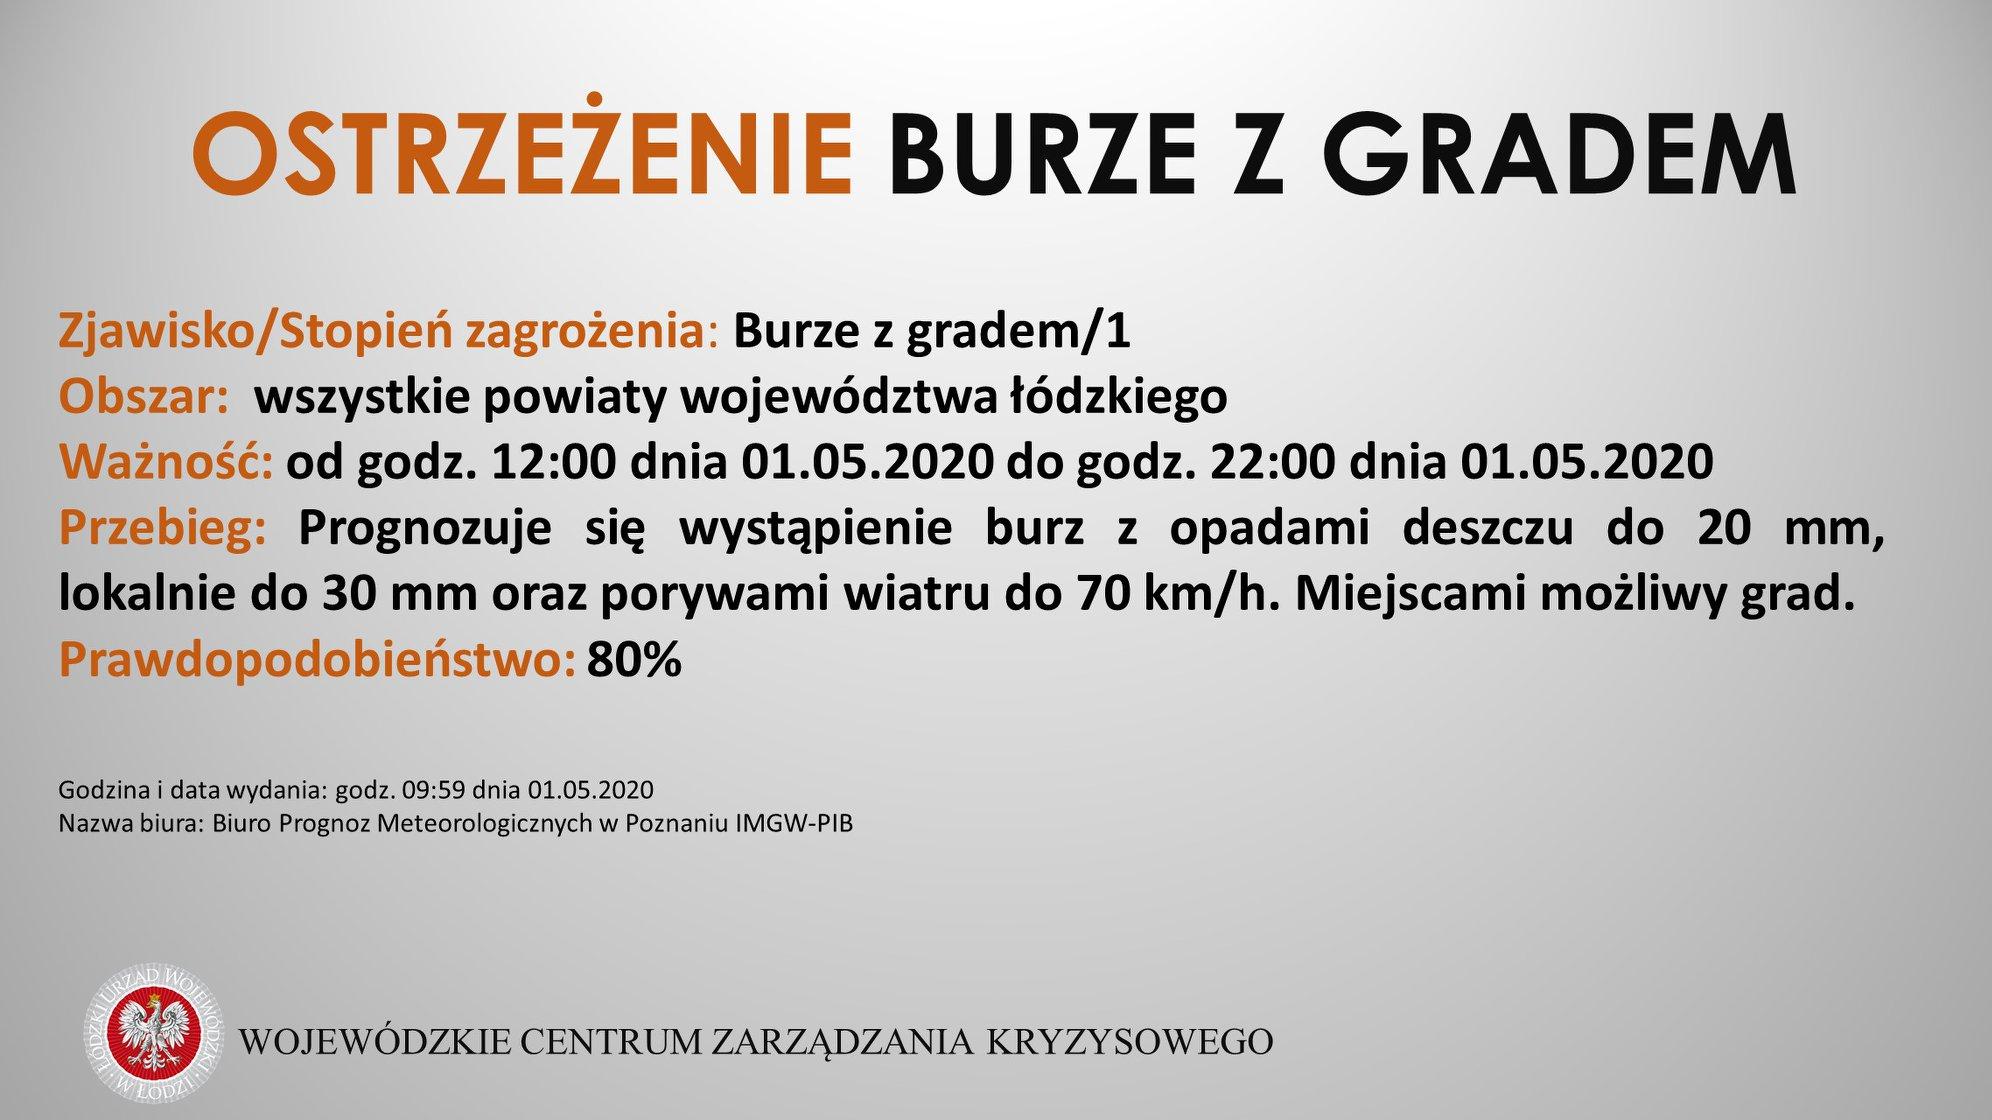 OSTRZEŻENIE Burze z gradem  Zjawisko/Stopień zagrożenia: Burze z gradem/1  Powia...